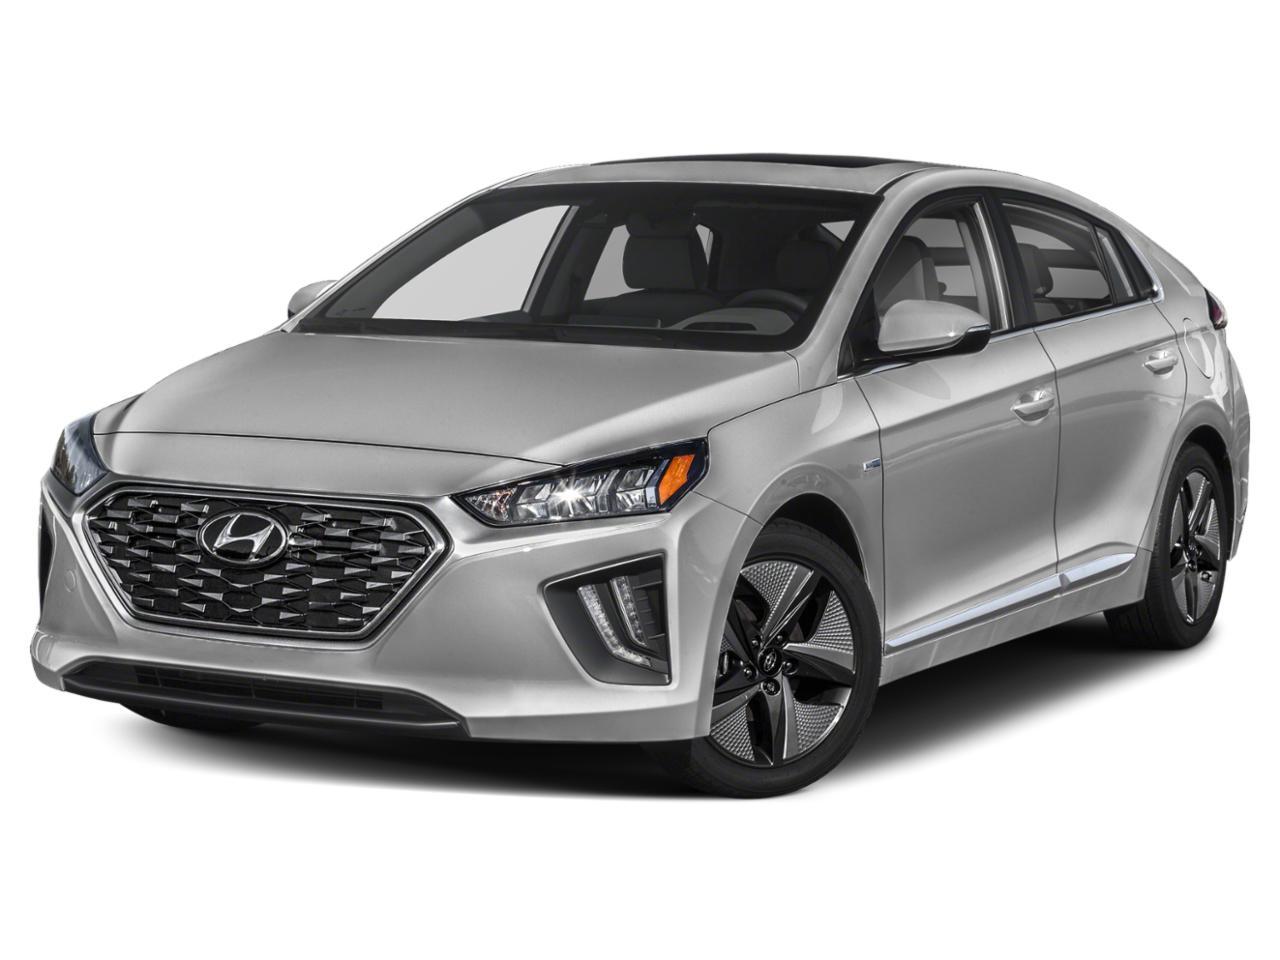 2020 Hyundai IONIQ Hybrid Vehicle Photo in Muncy, PA 17756